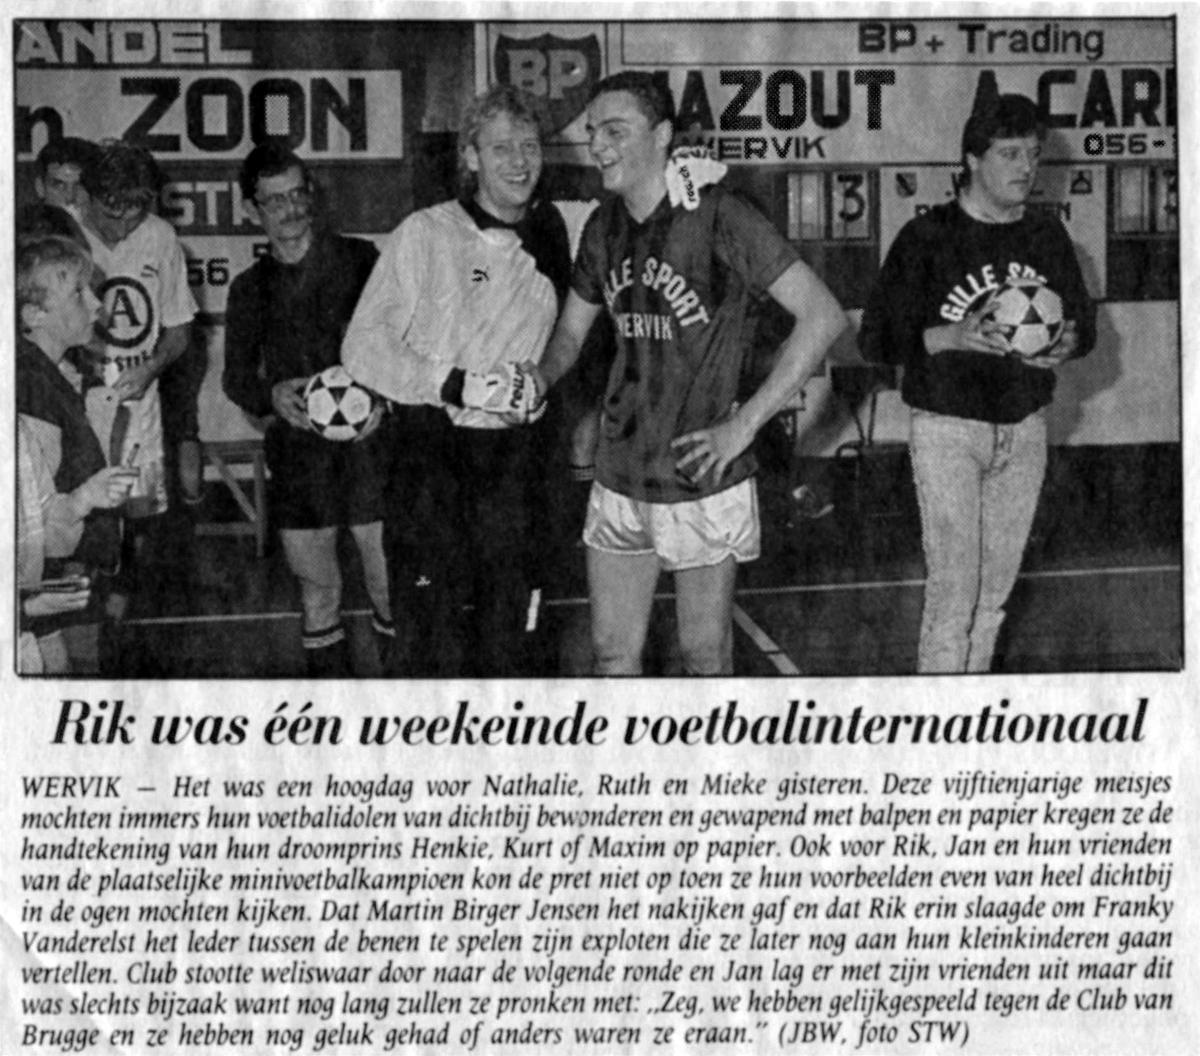 Verslag van de legendarische match waarbij Rik Masil Franky Van der Elst door de benen speelde.